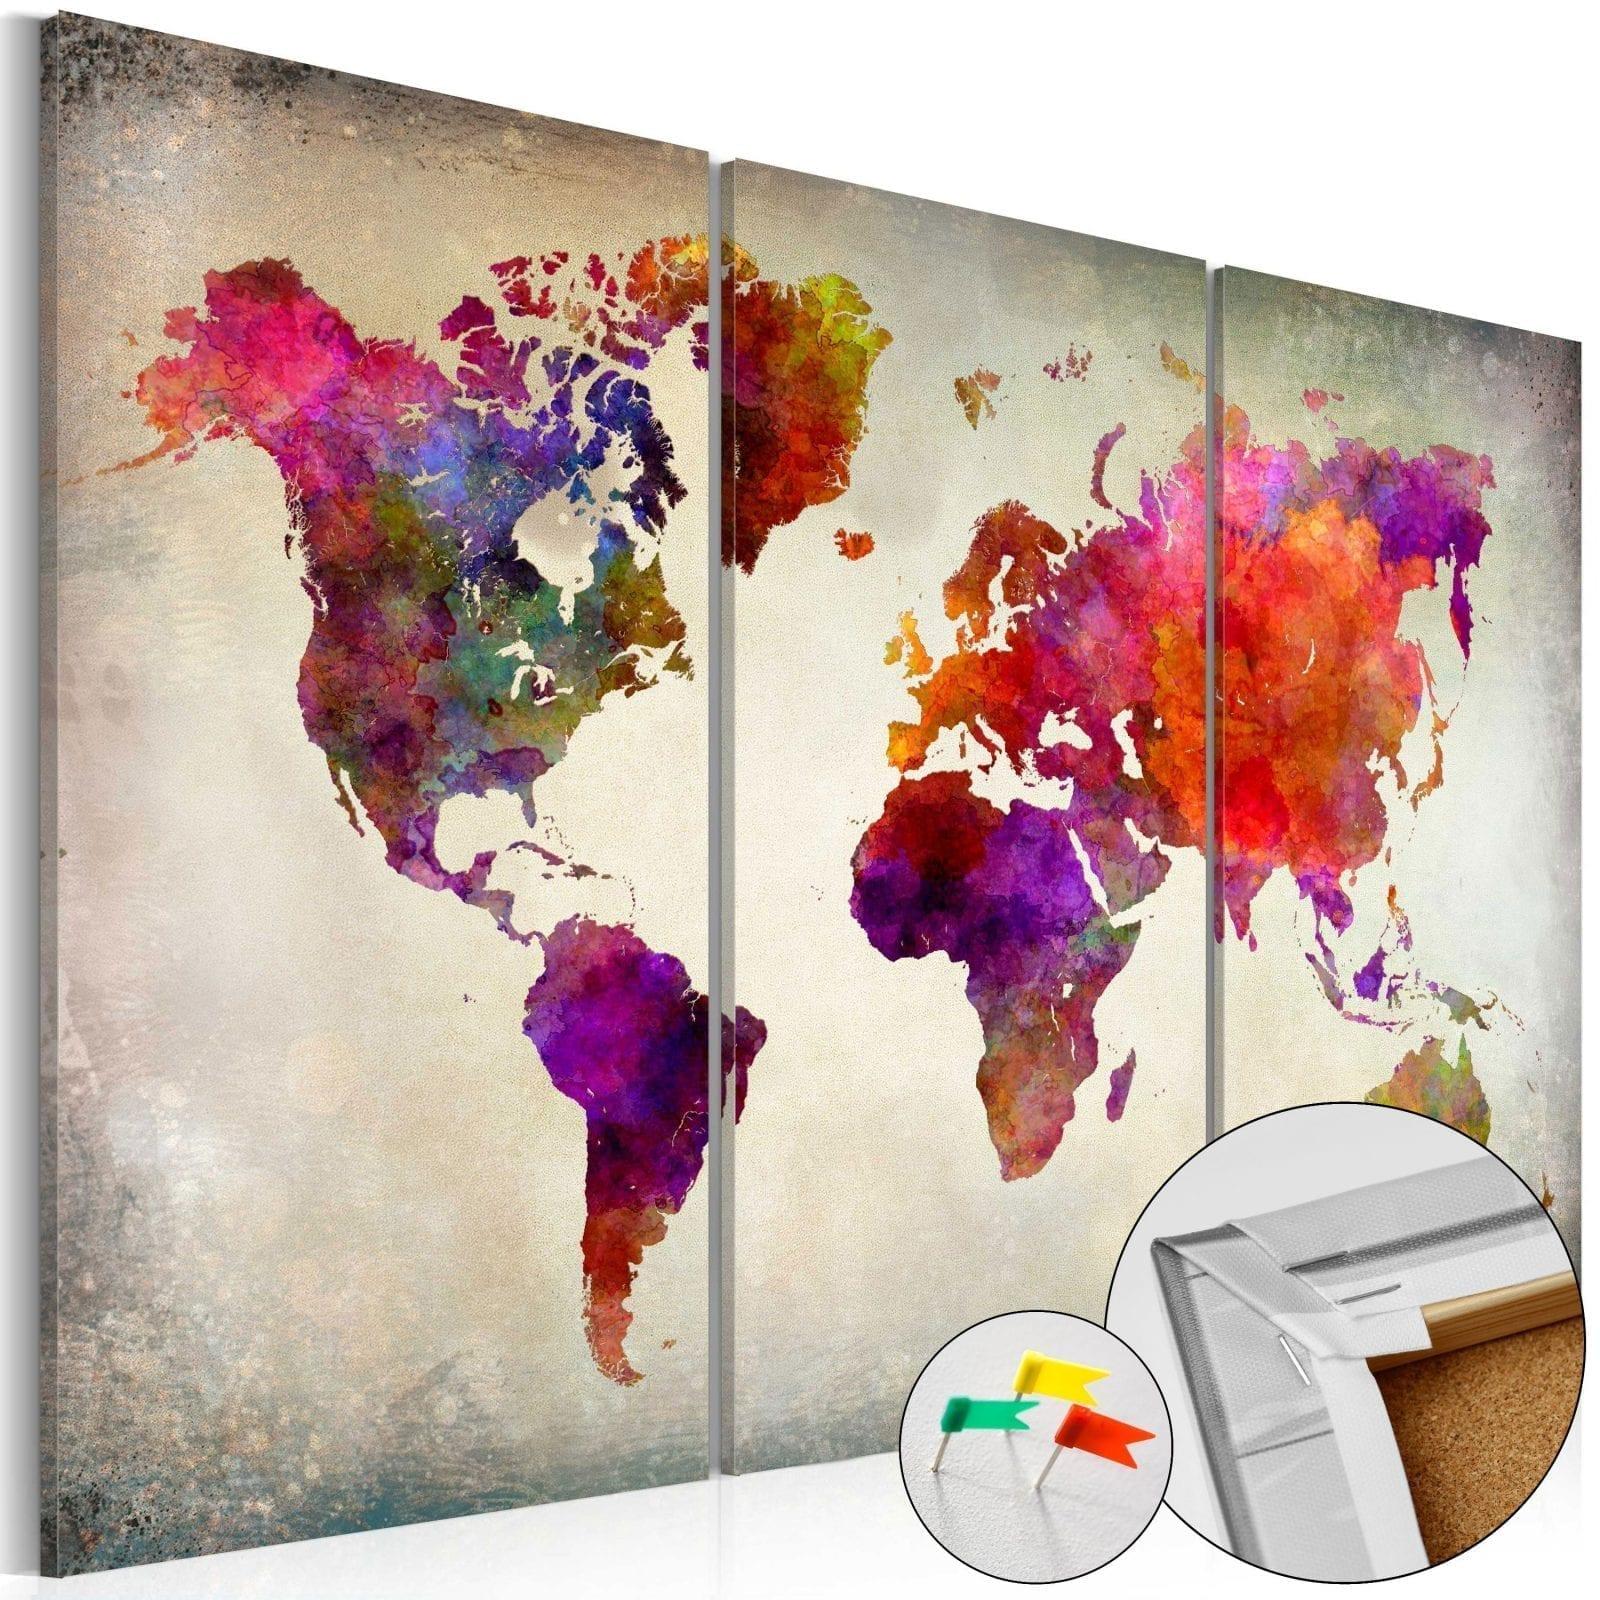 Tablero de corcho - Mosaic of Colours 1 | Potspintura.com